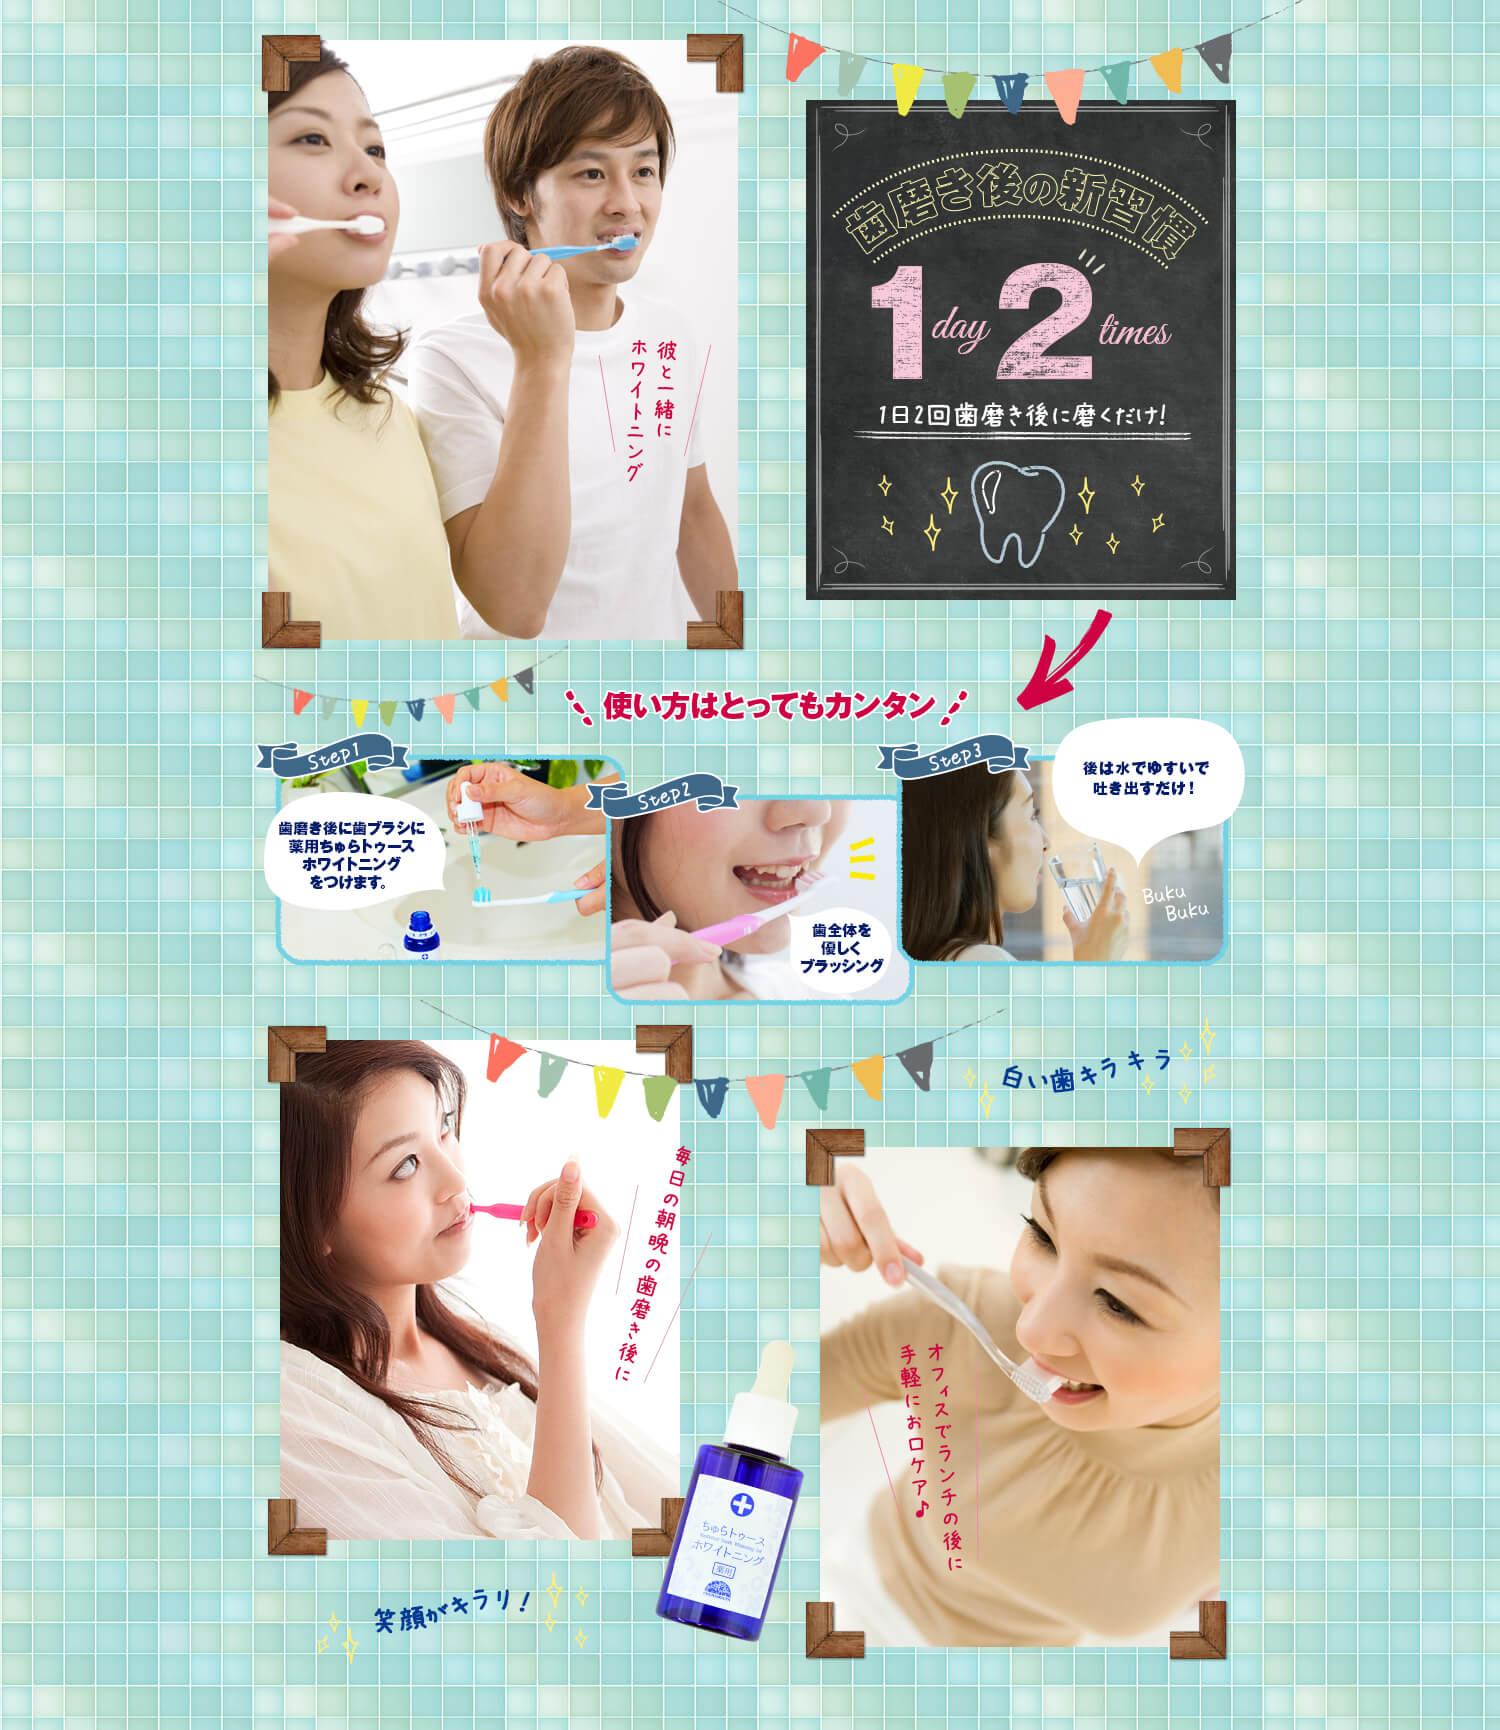 薬用ちゅらトゥースホワイトニング 歯磨き後の新習慣